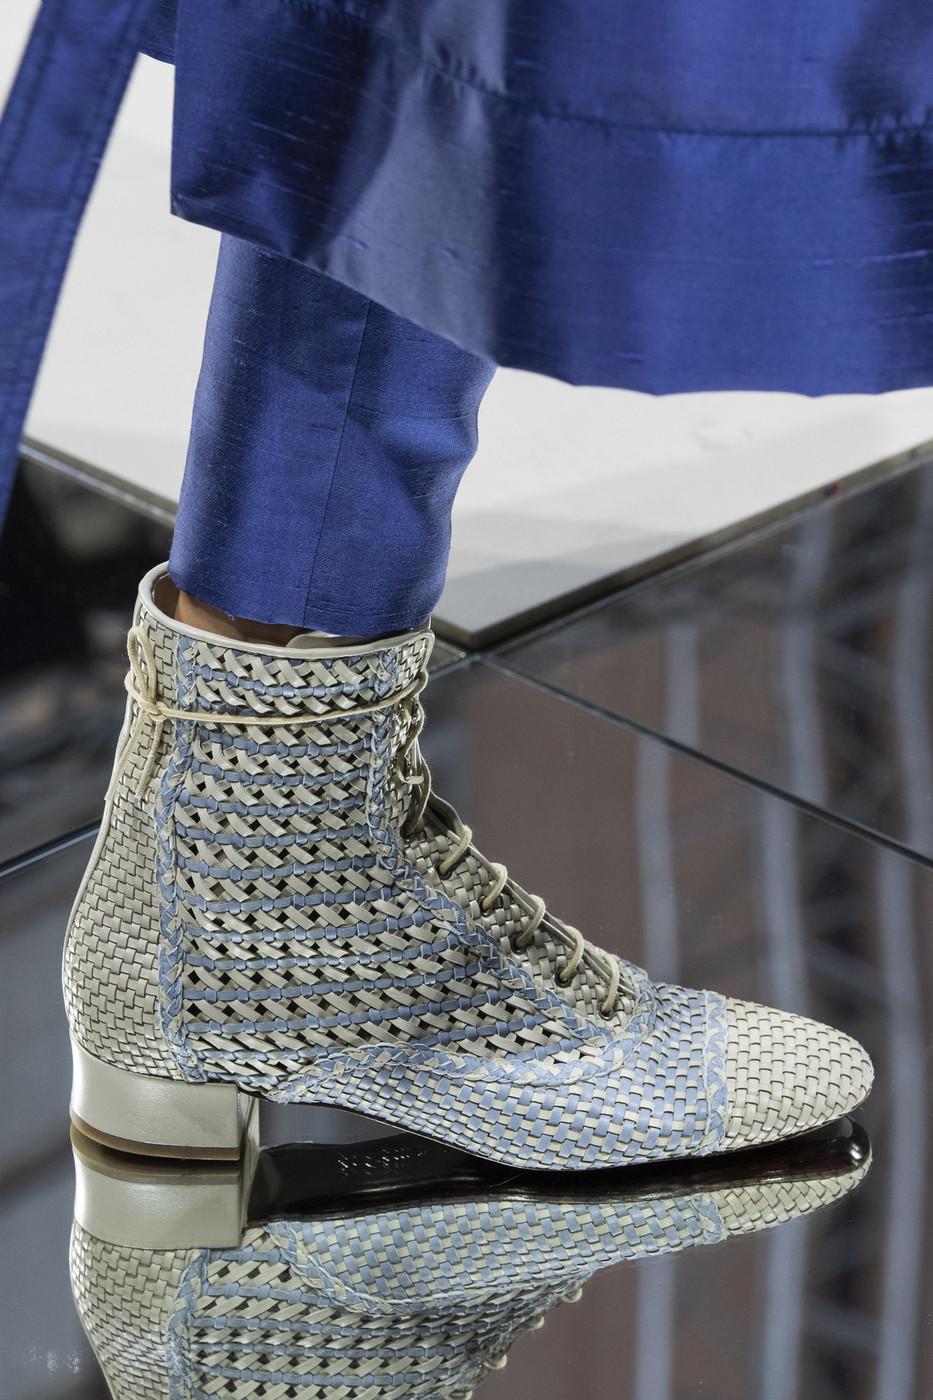 Giorgio Armani At Milan Fashion Week Spring 2020 Casual Shoes Women Women Shoes Top Women Shoes